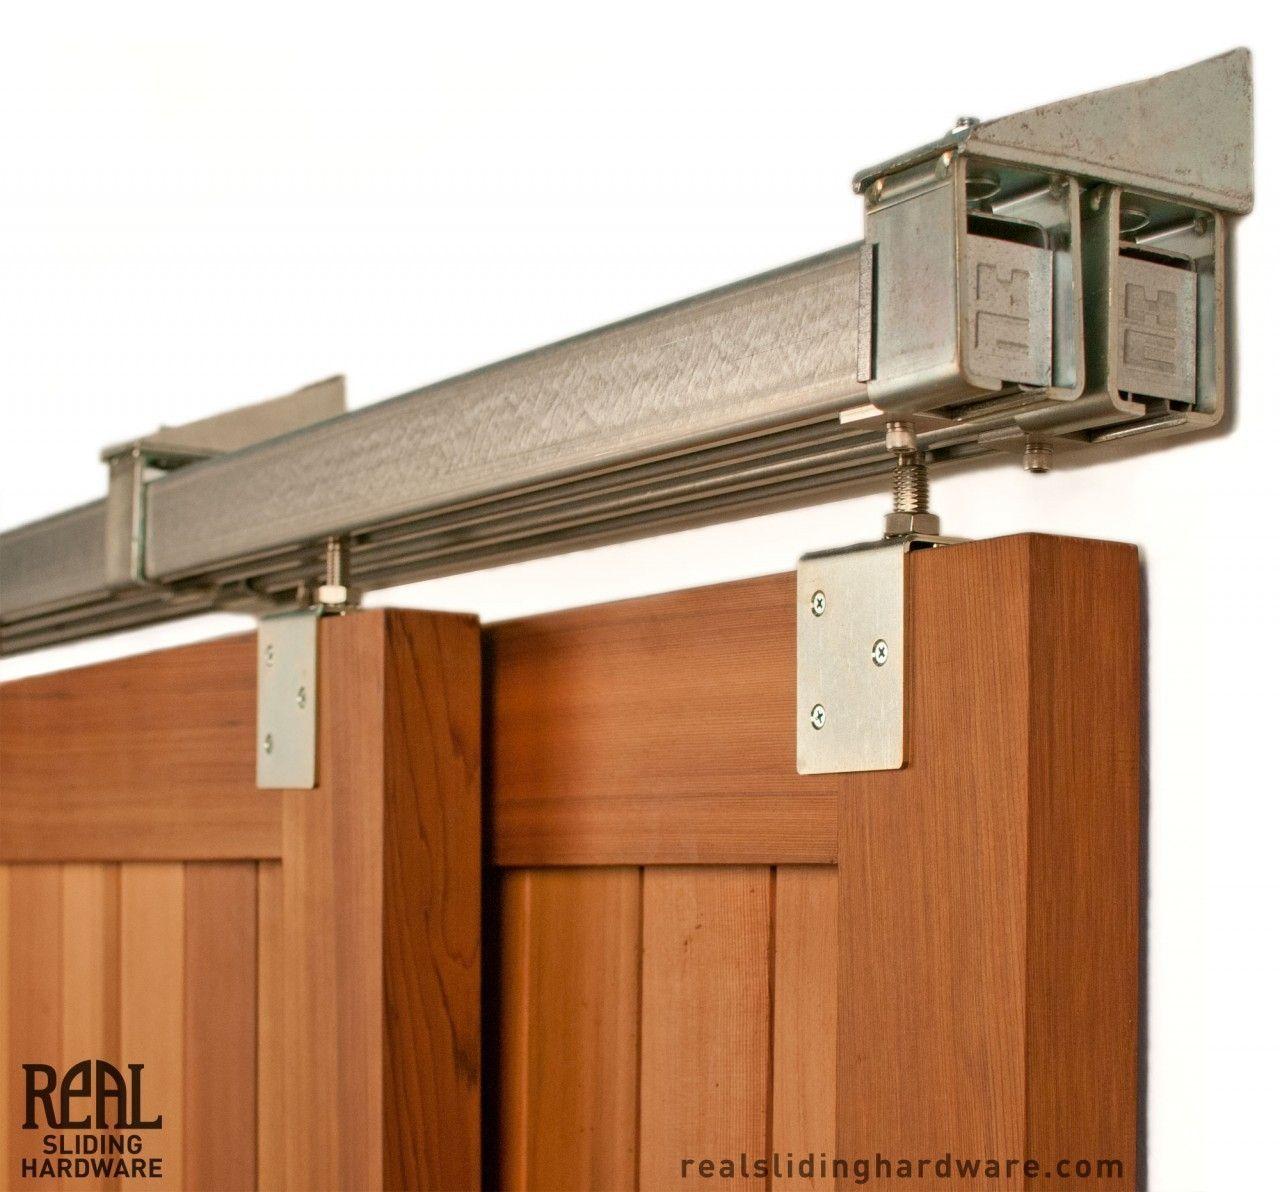 Double Track Sliding Barn Doors Hardware Pinterest Barn Doors